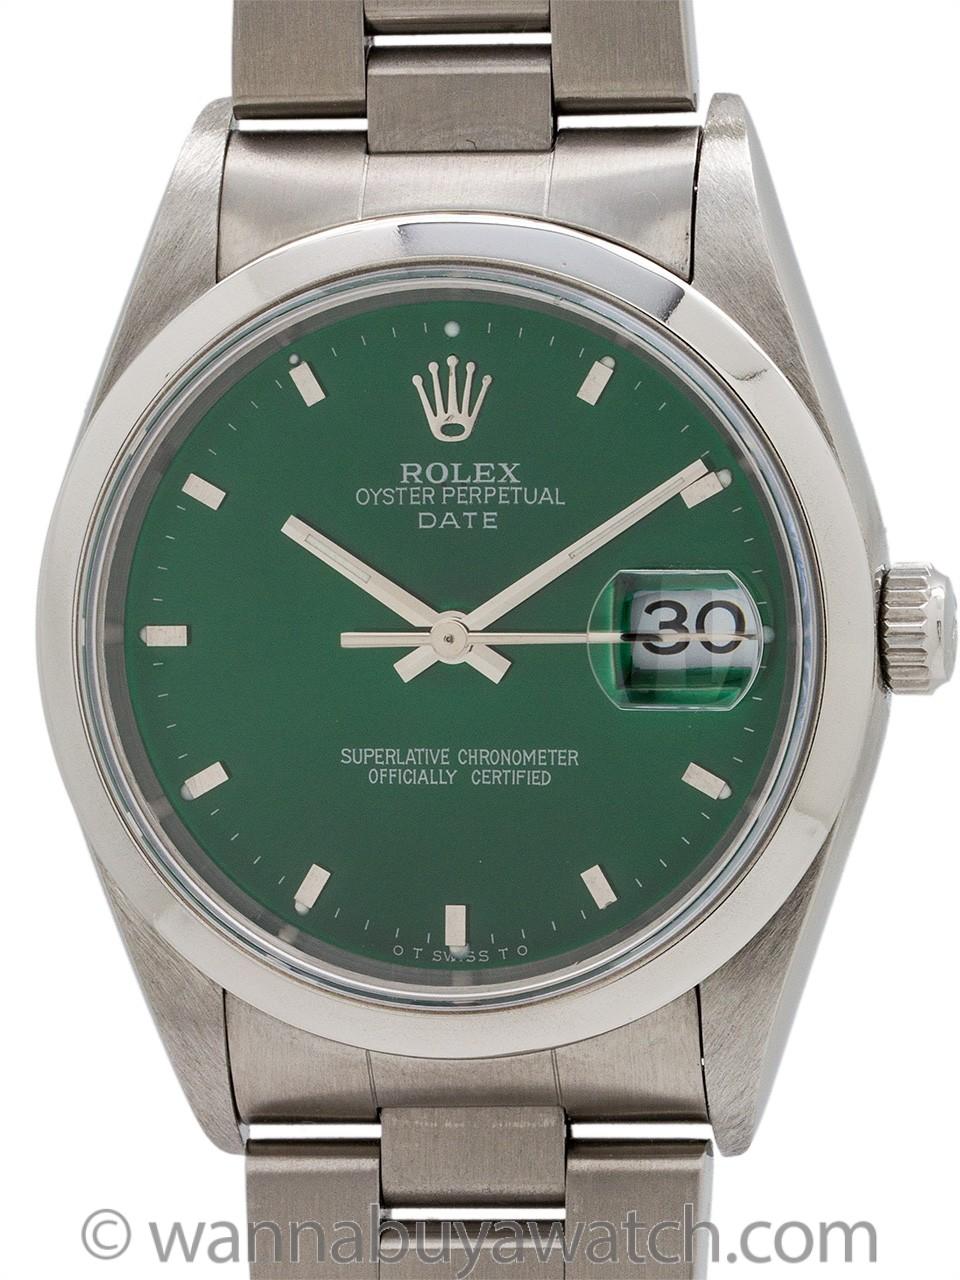 Rolex Oyster Perpetual Date ref 15200 circa 1995